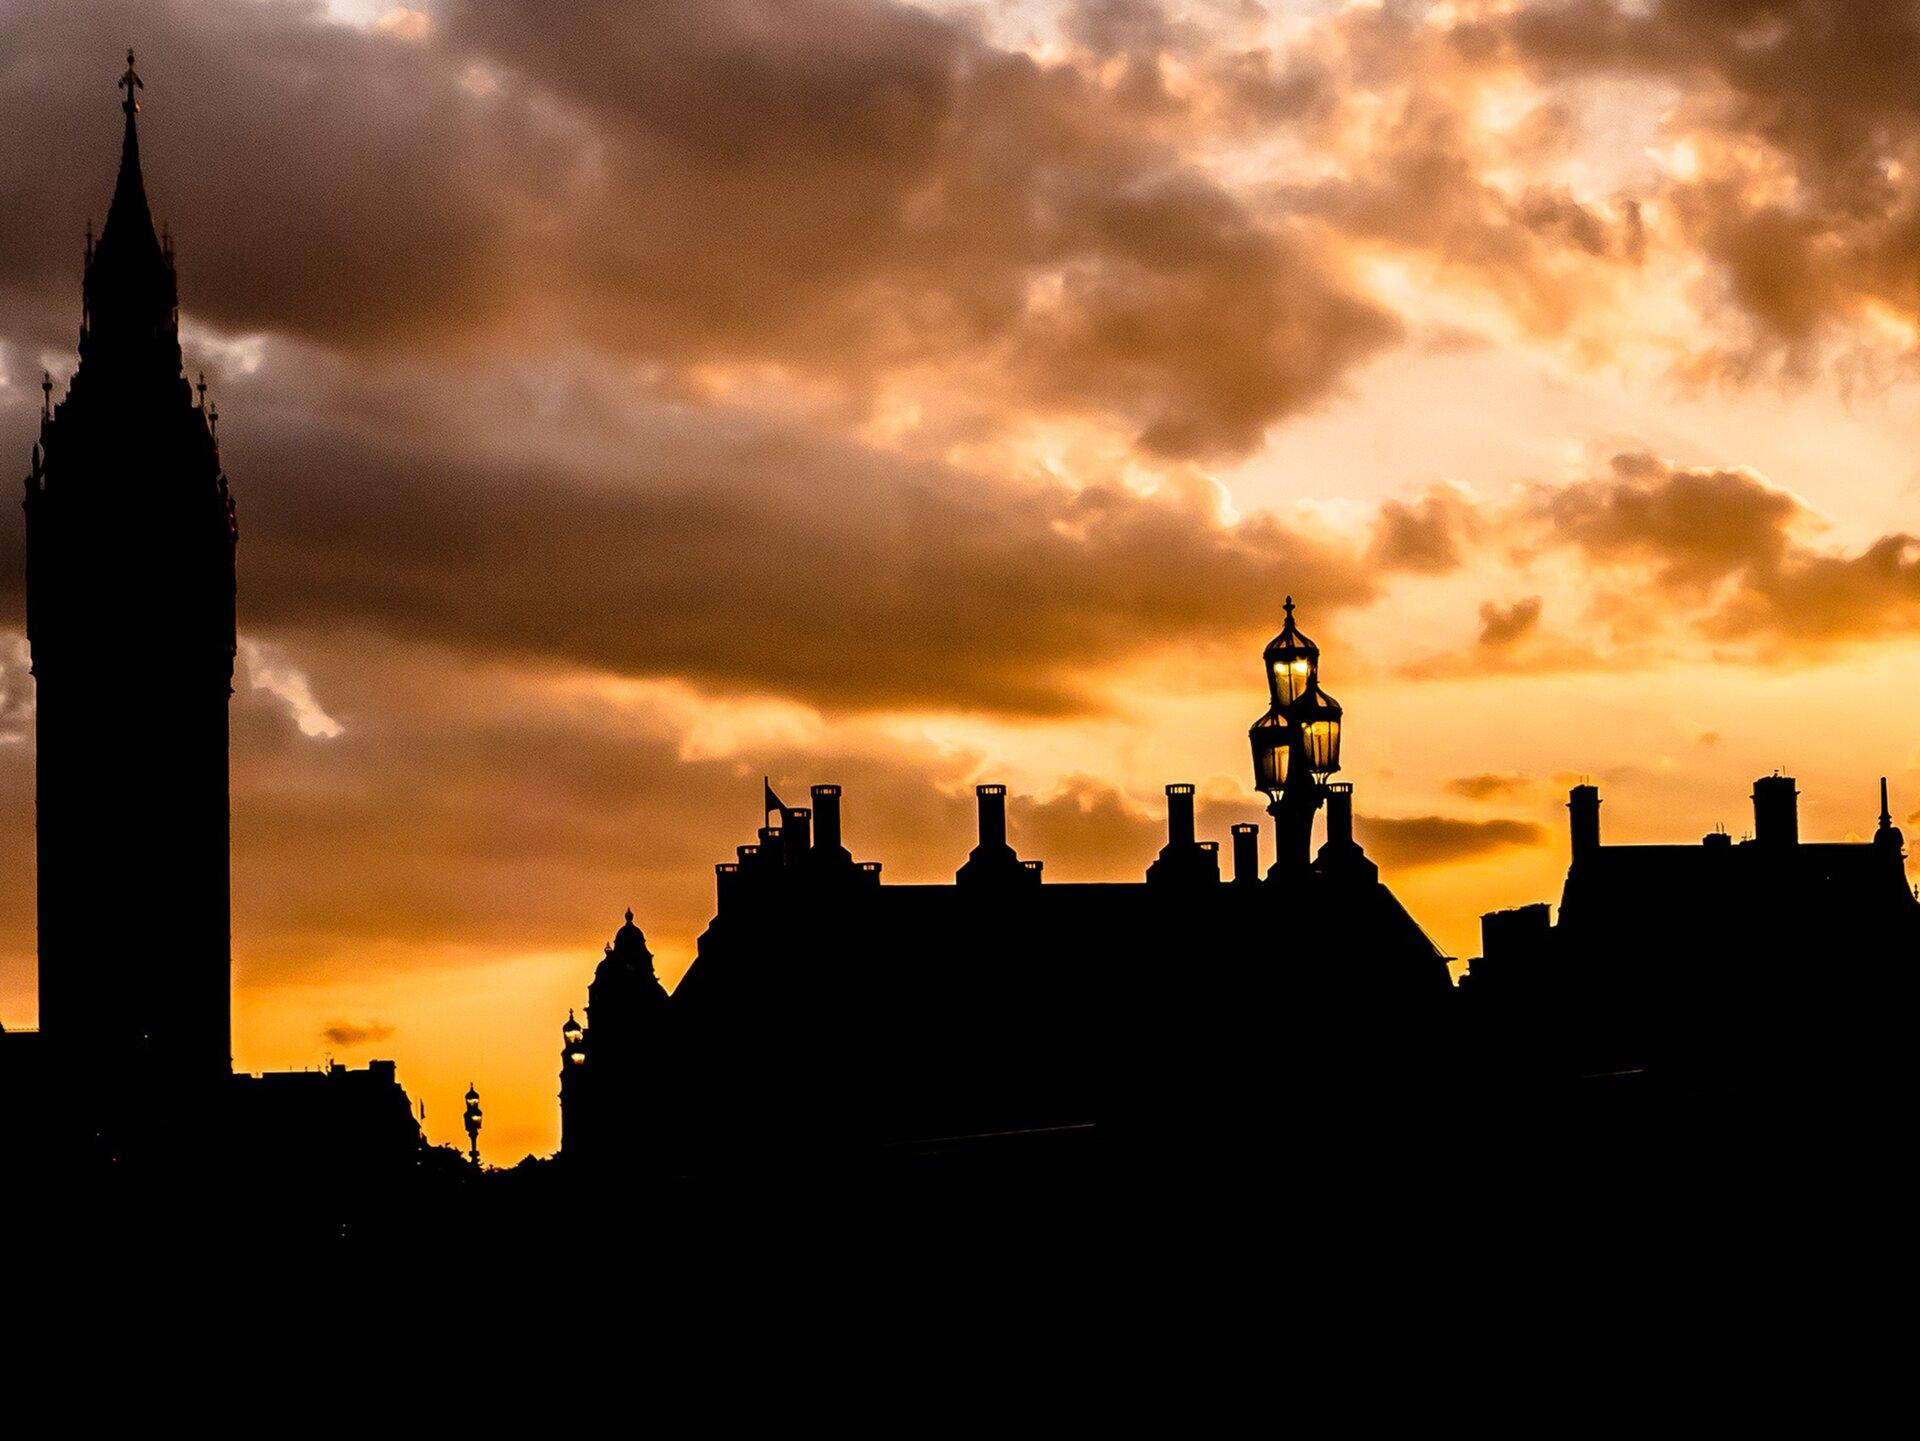 Widok miasta ozachodzie słońca Źródło: Widok miasta ozachodzie słońca, fotografia barwna, domena publiczna.